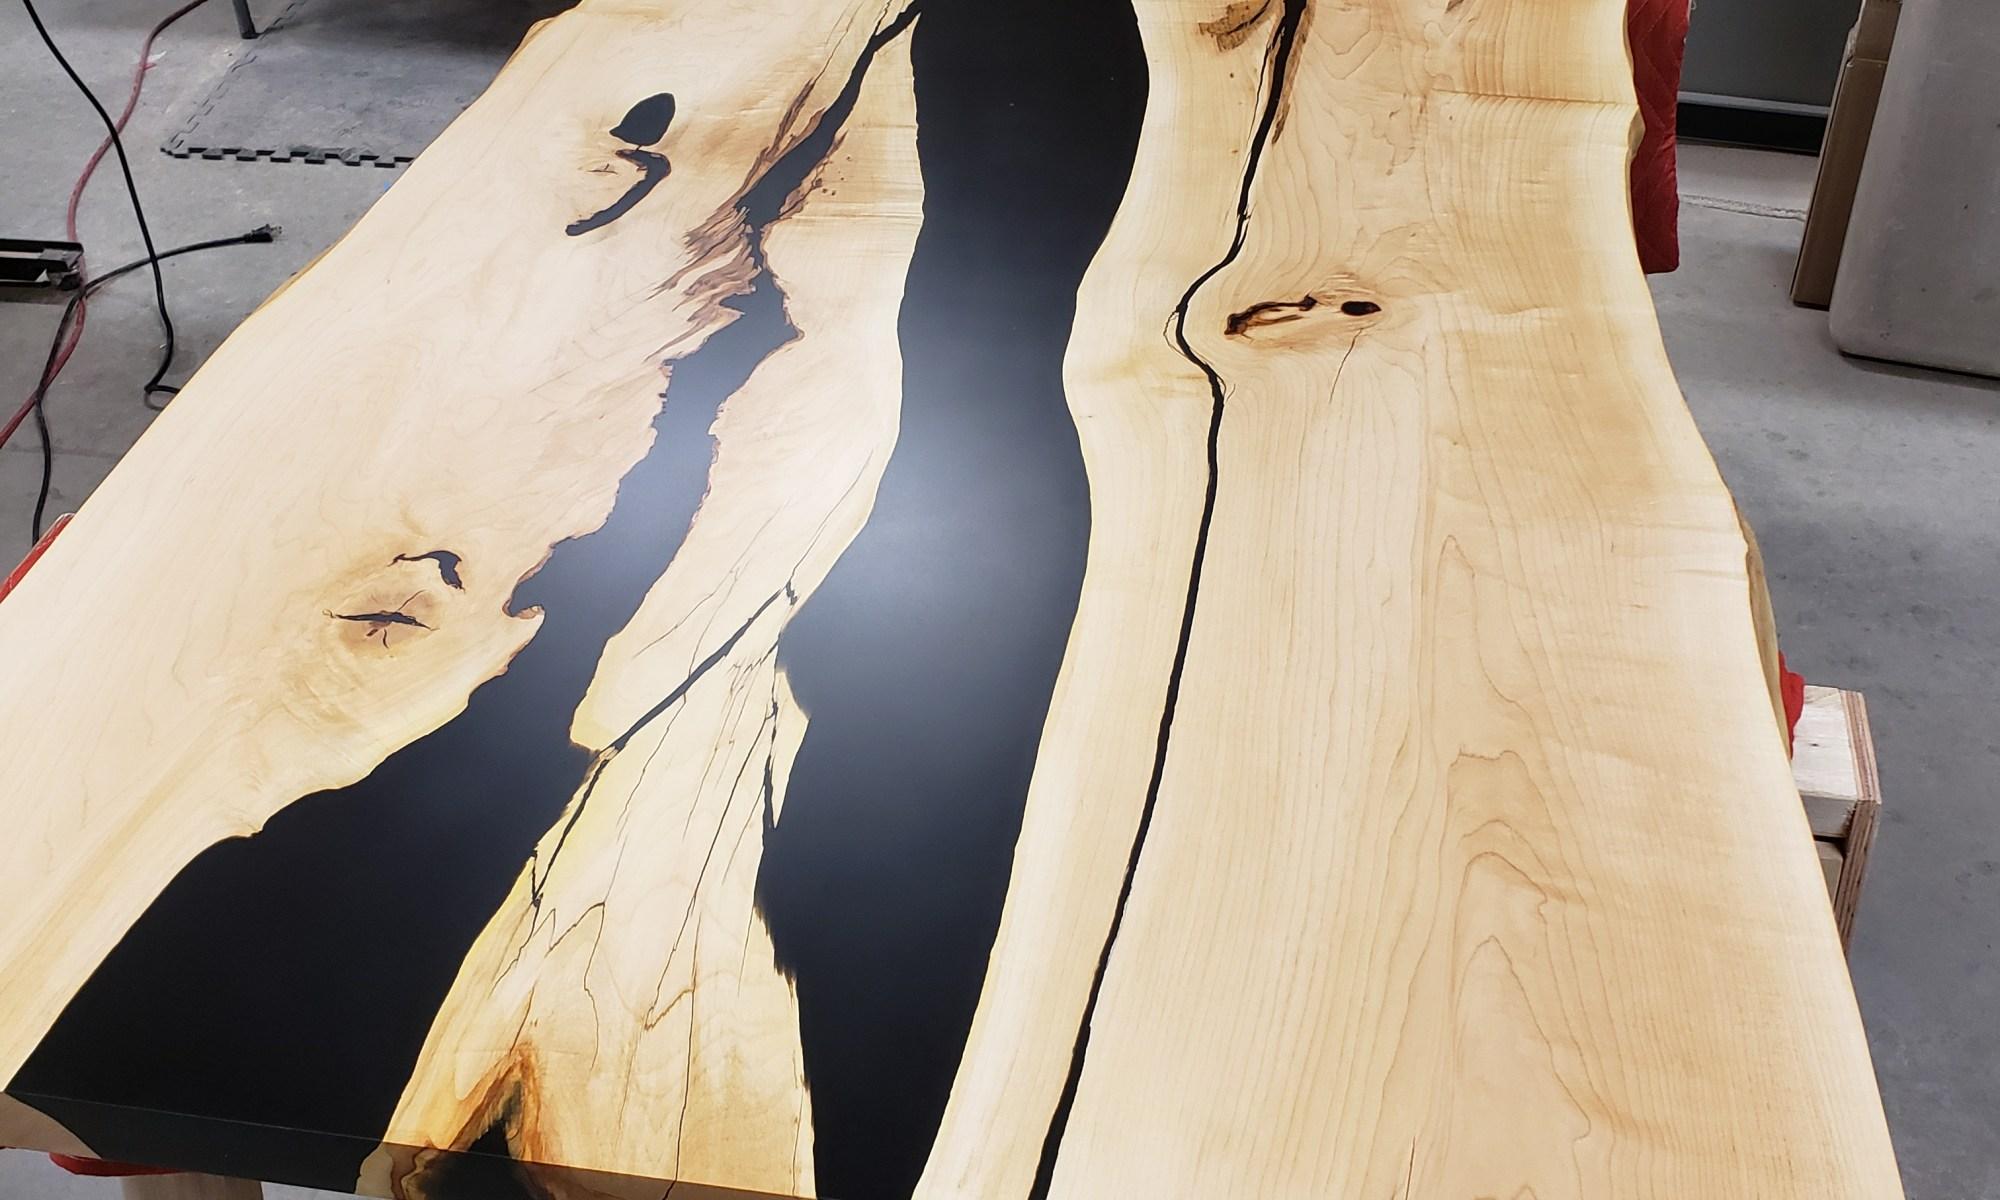 River table noir et bois travail artisanal